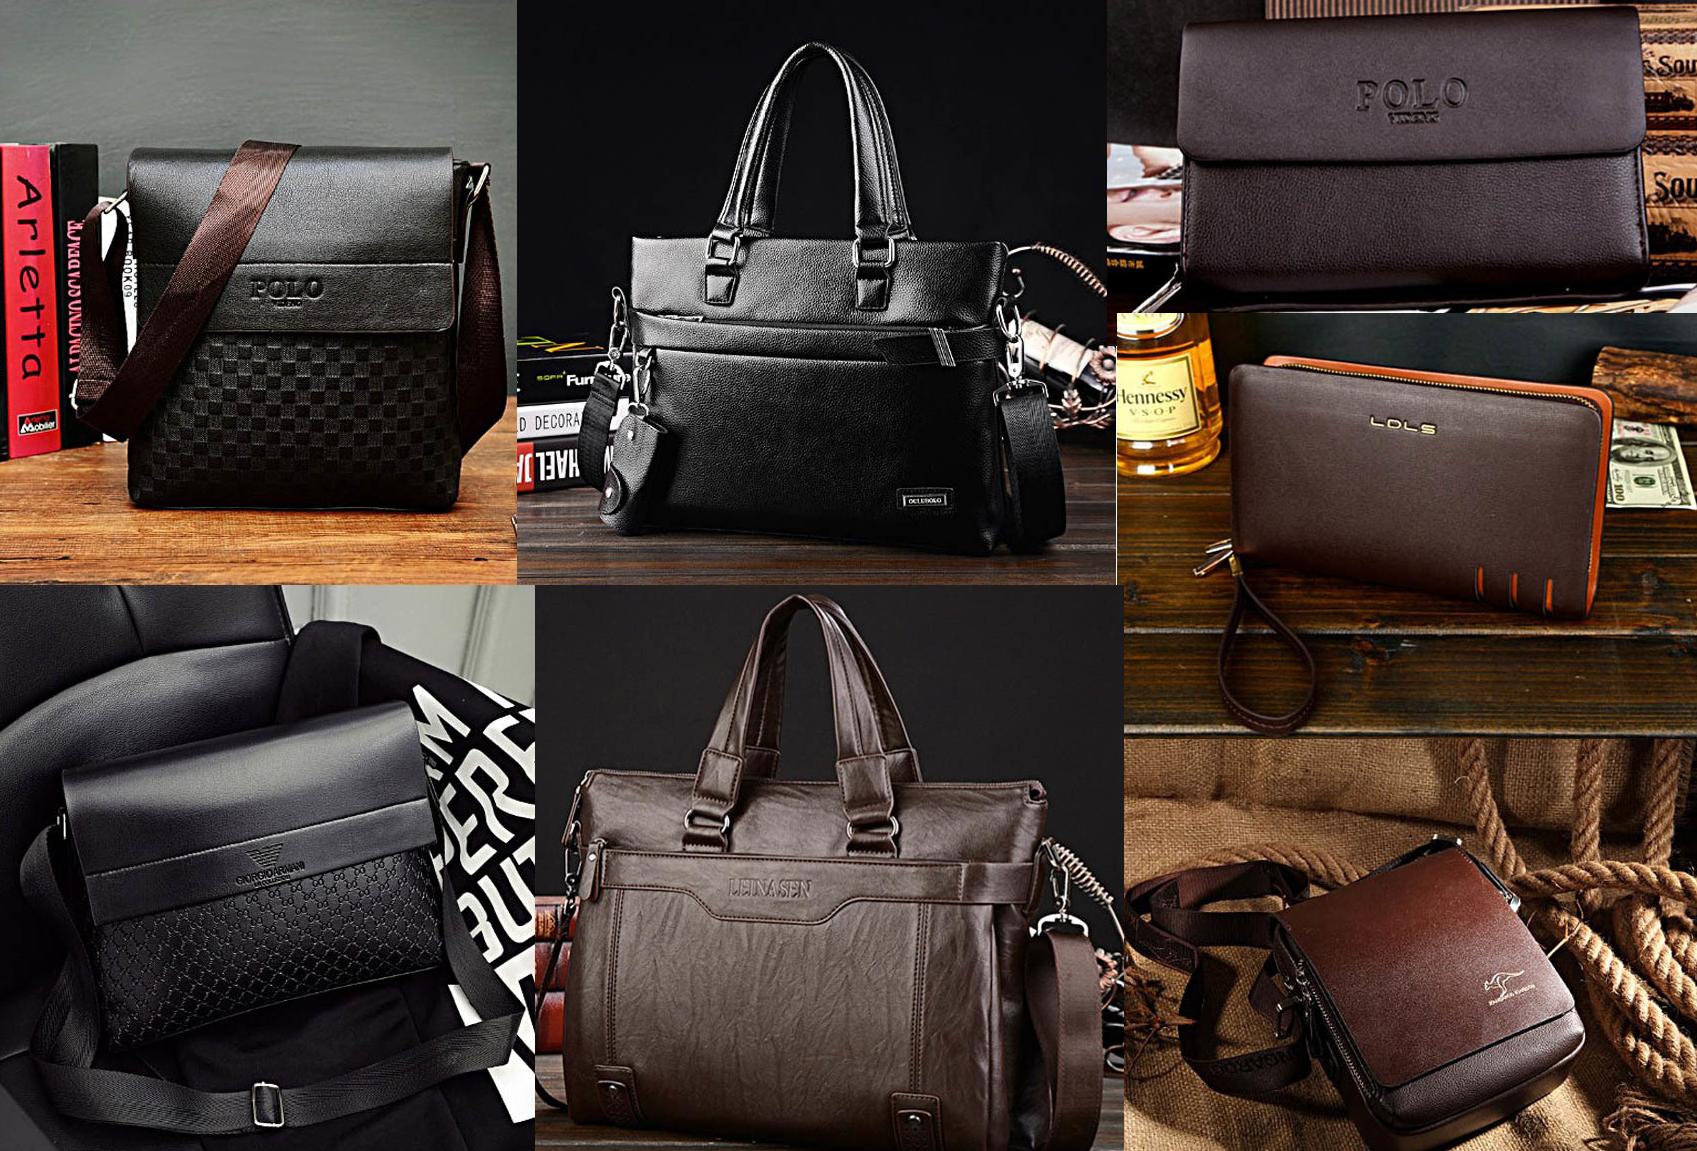 Готовим подарки к  23 февраля!!Мужские сумки, портфели и клатчи.А так же полно женских сумочек.